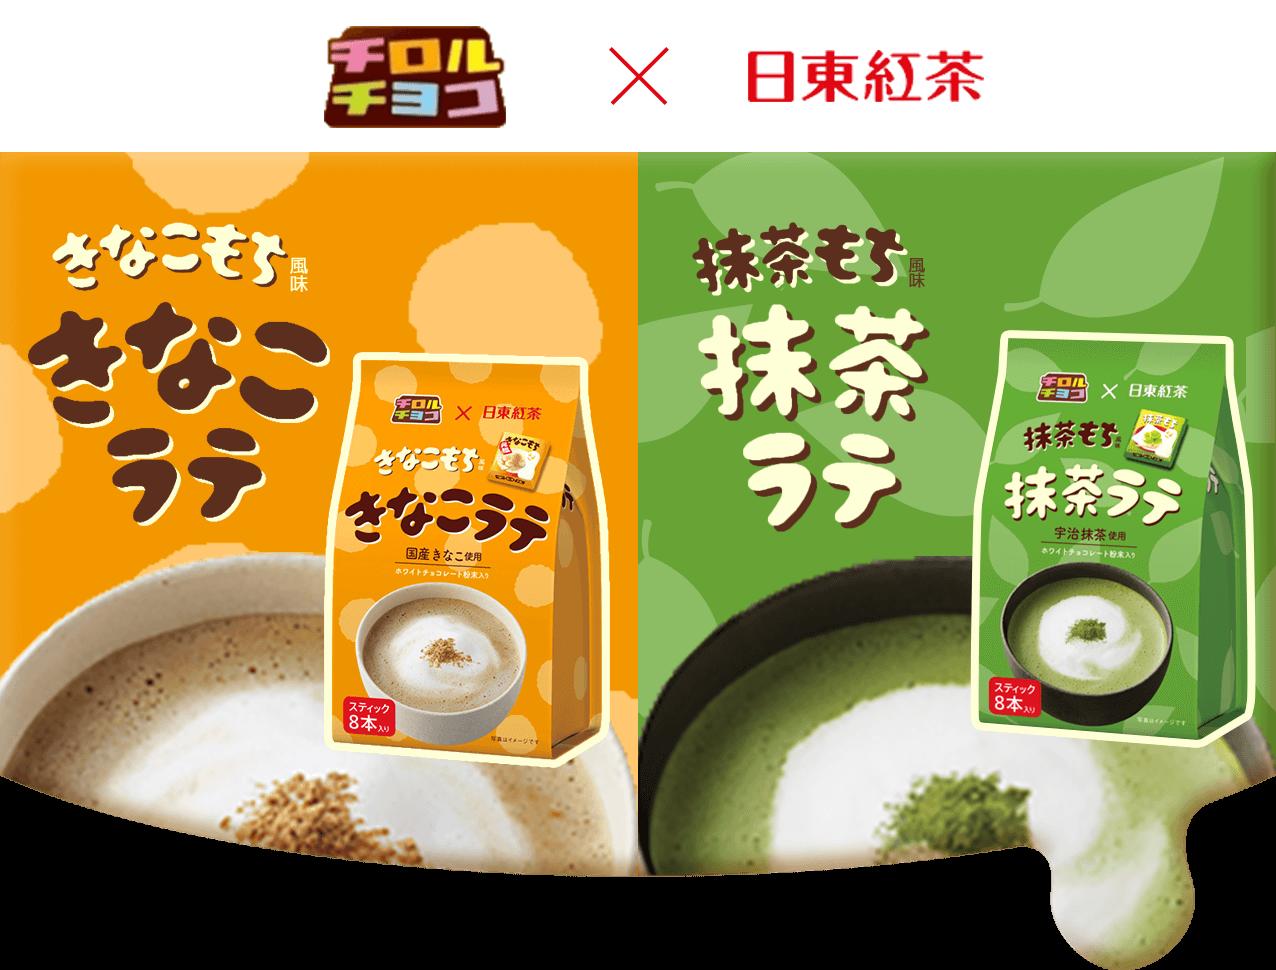 モラタメでチロルチョコ×日東紅茶 きなこラテ/抹茶ラテ 2種6袋が2160円⇒920円。